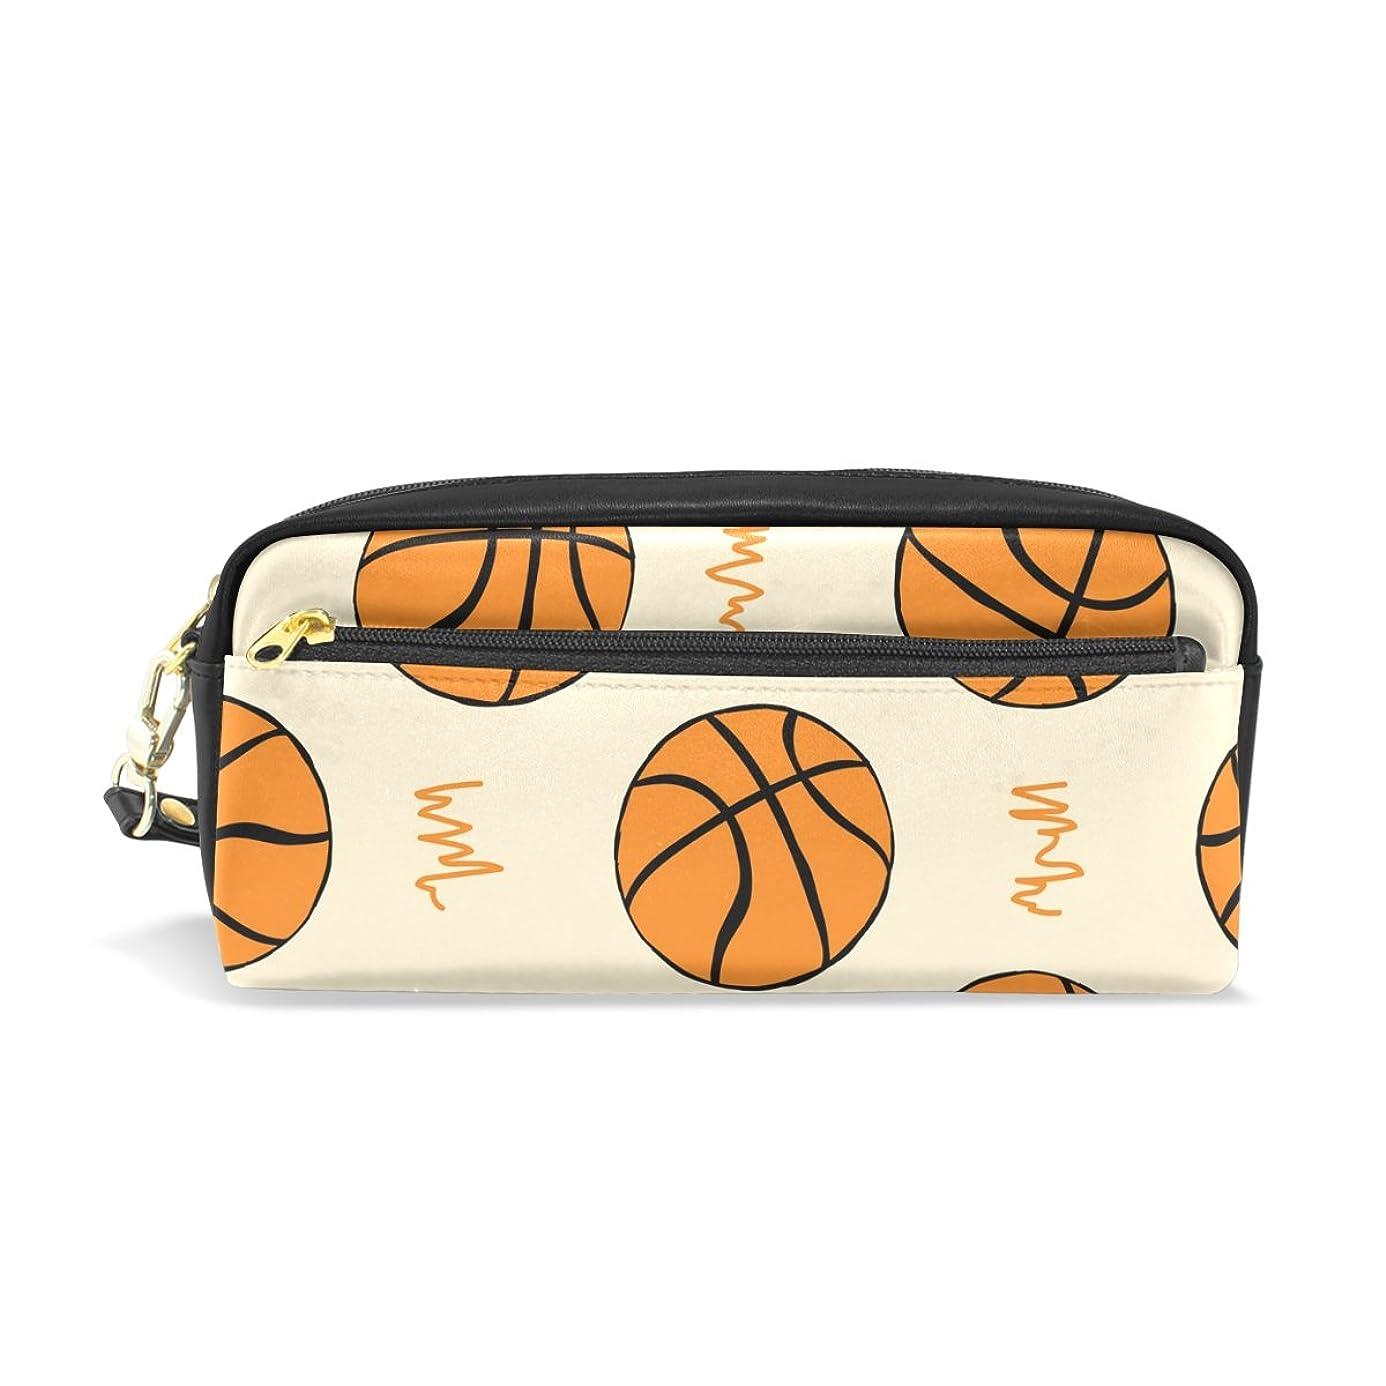 佐賀破壊する第三AOMOKI ペンケース 化粧ポーチ 多機能バッグ 小物入り バスケットボール